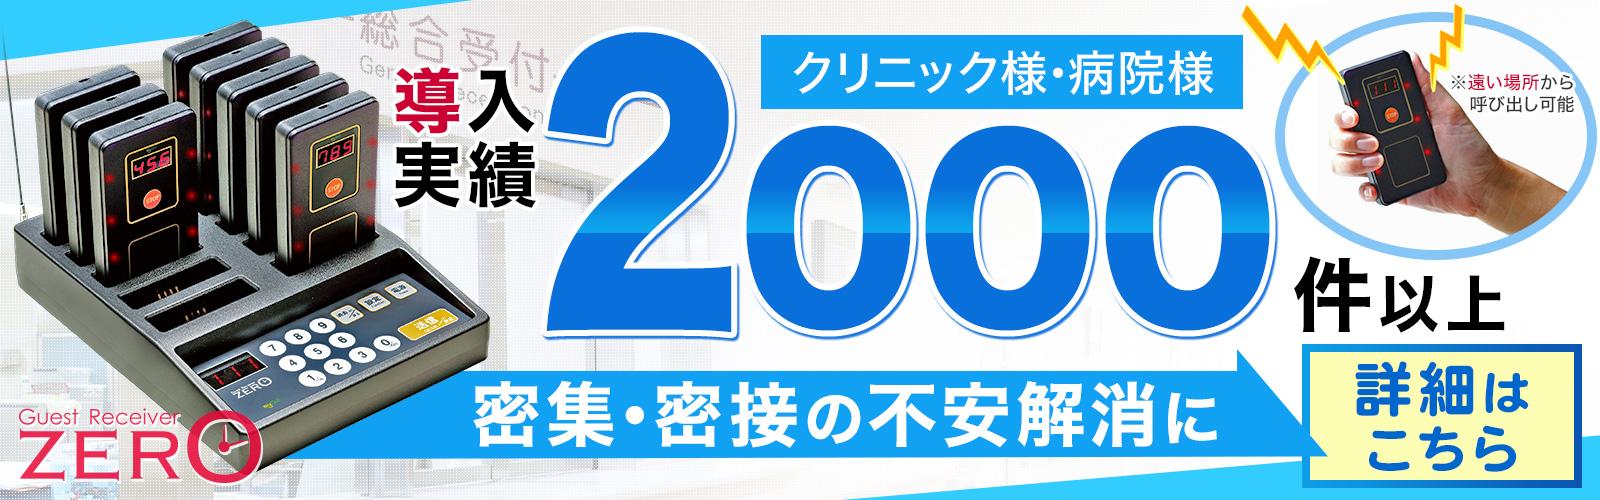 ZERO2000件